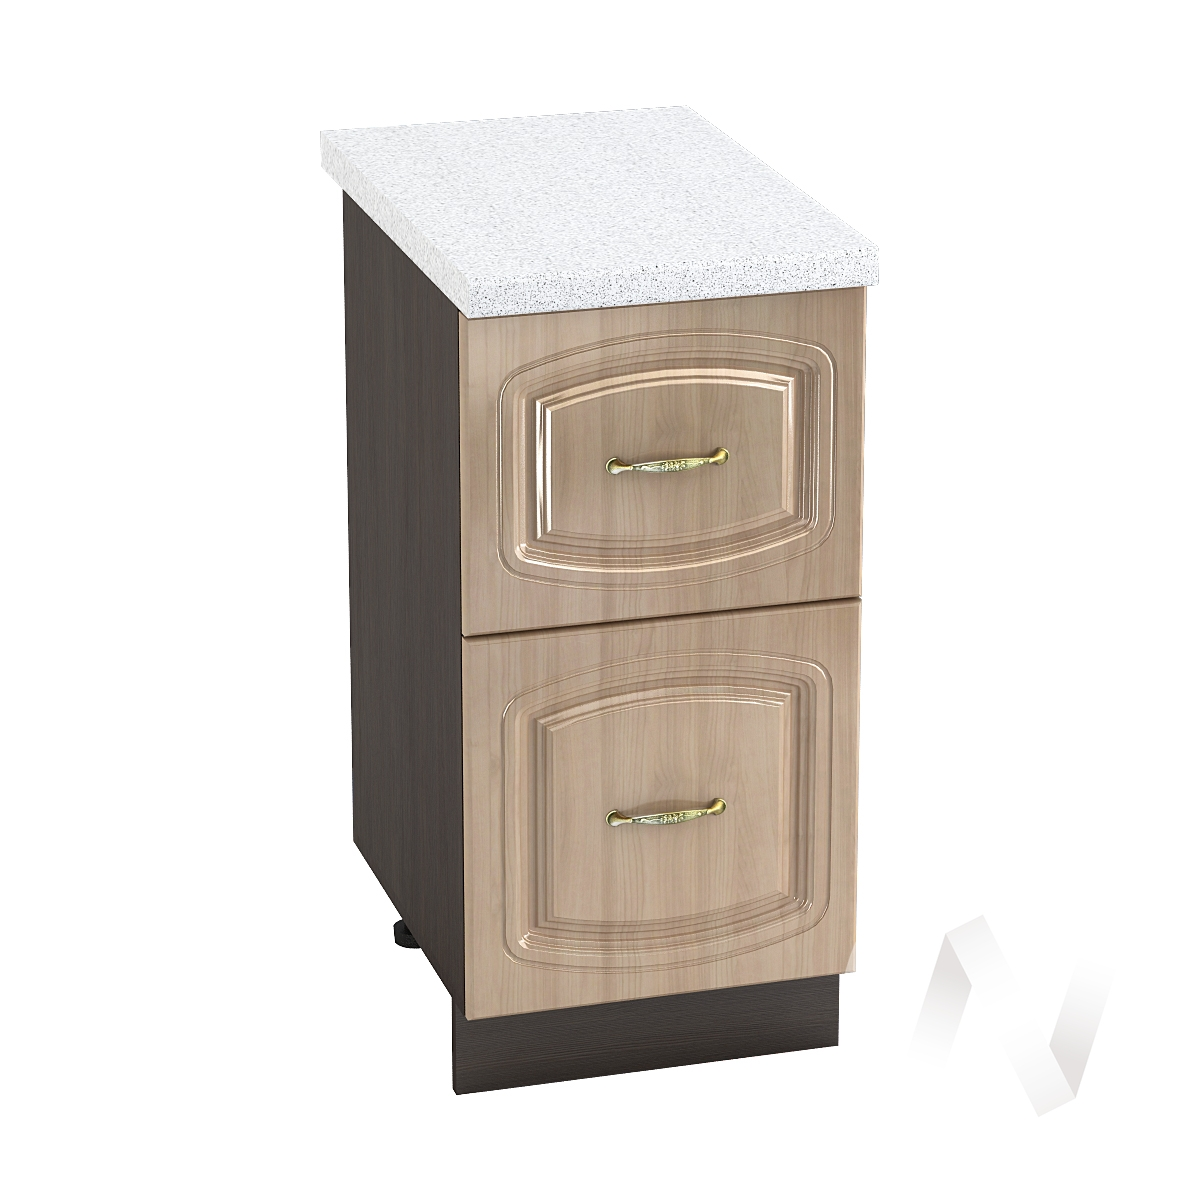 """Кухня """"Сити"""": Шкаф нижний с 2-мя ящиками 400, ШН2Я 400 (корпус венге)"""